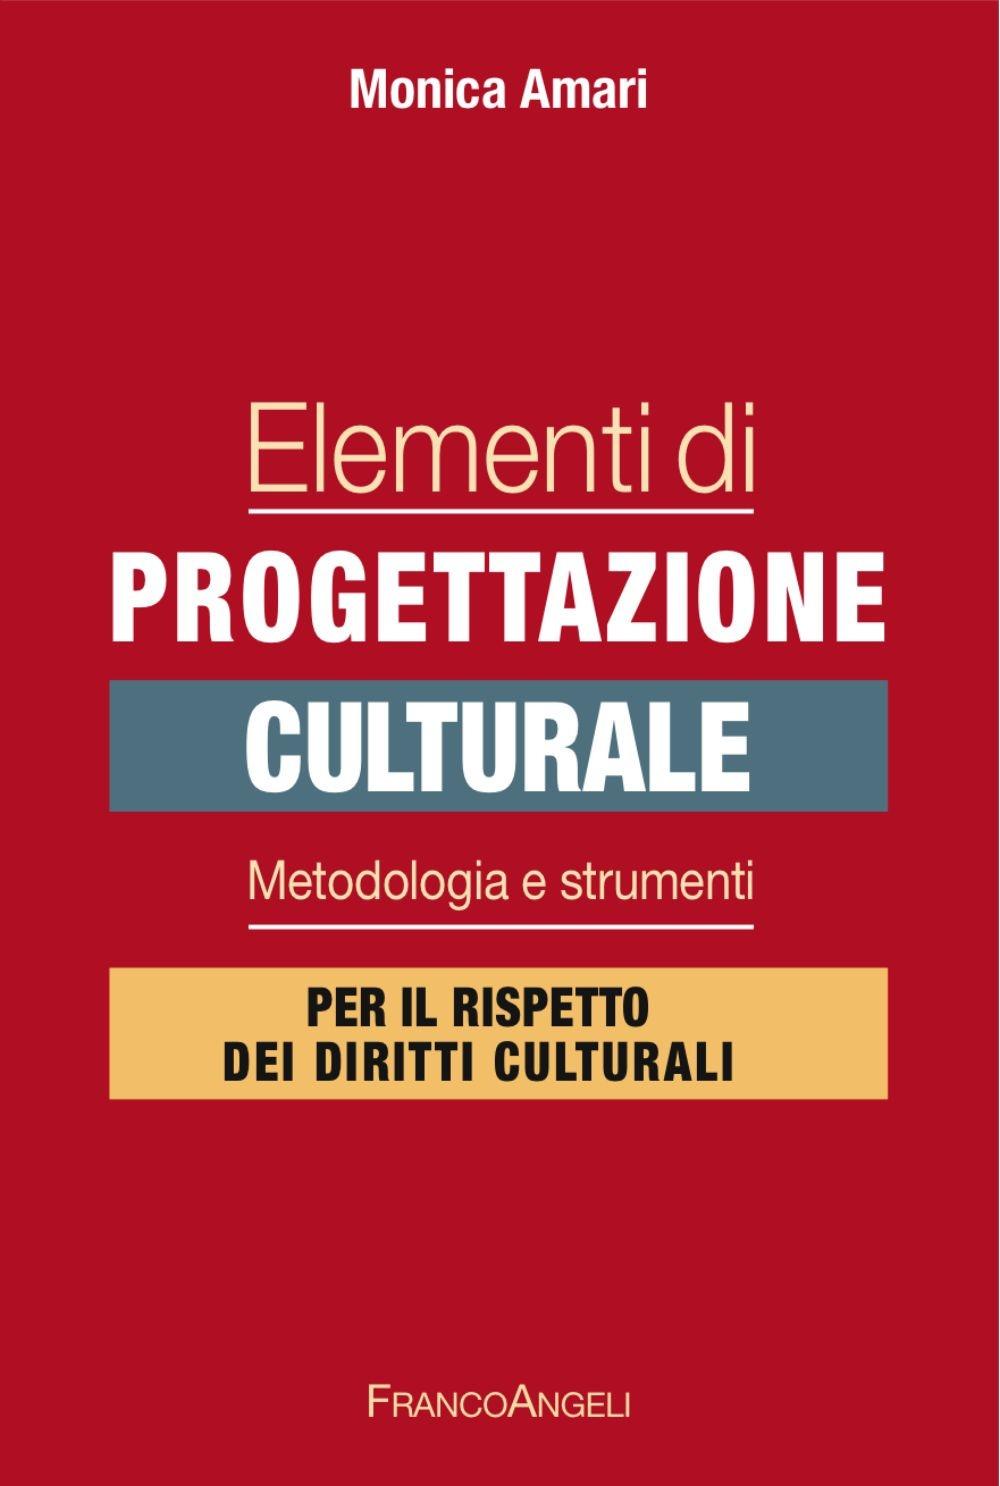 Elementi di progettazione culturale. Metodologia e strumenti per il rispetto dei diritti culturali